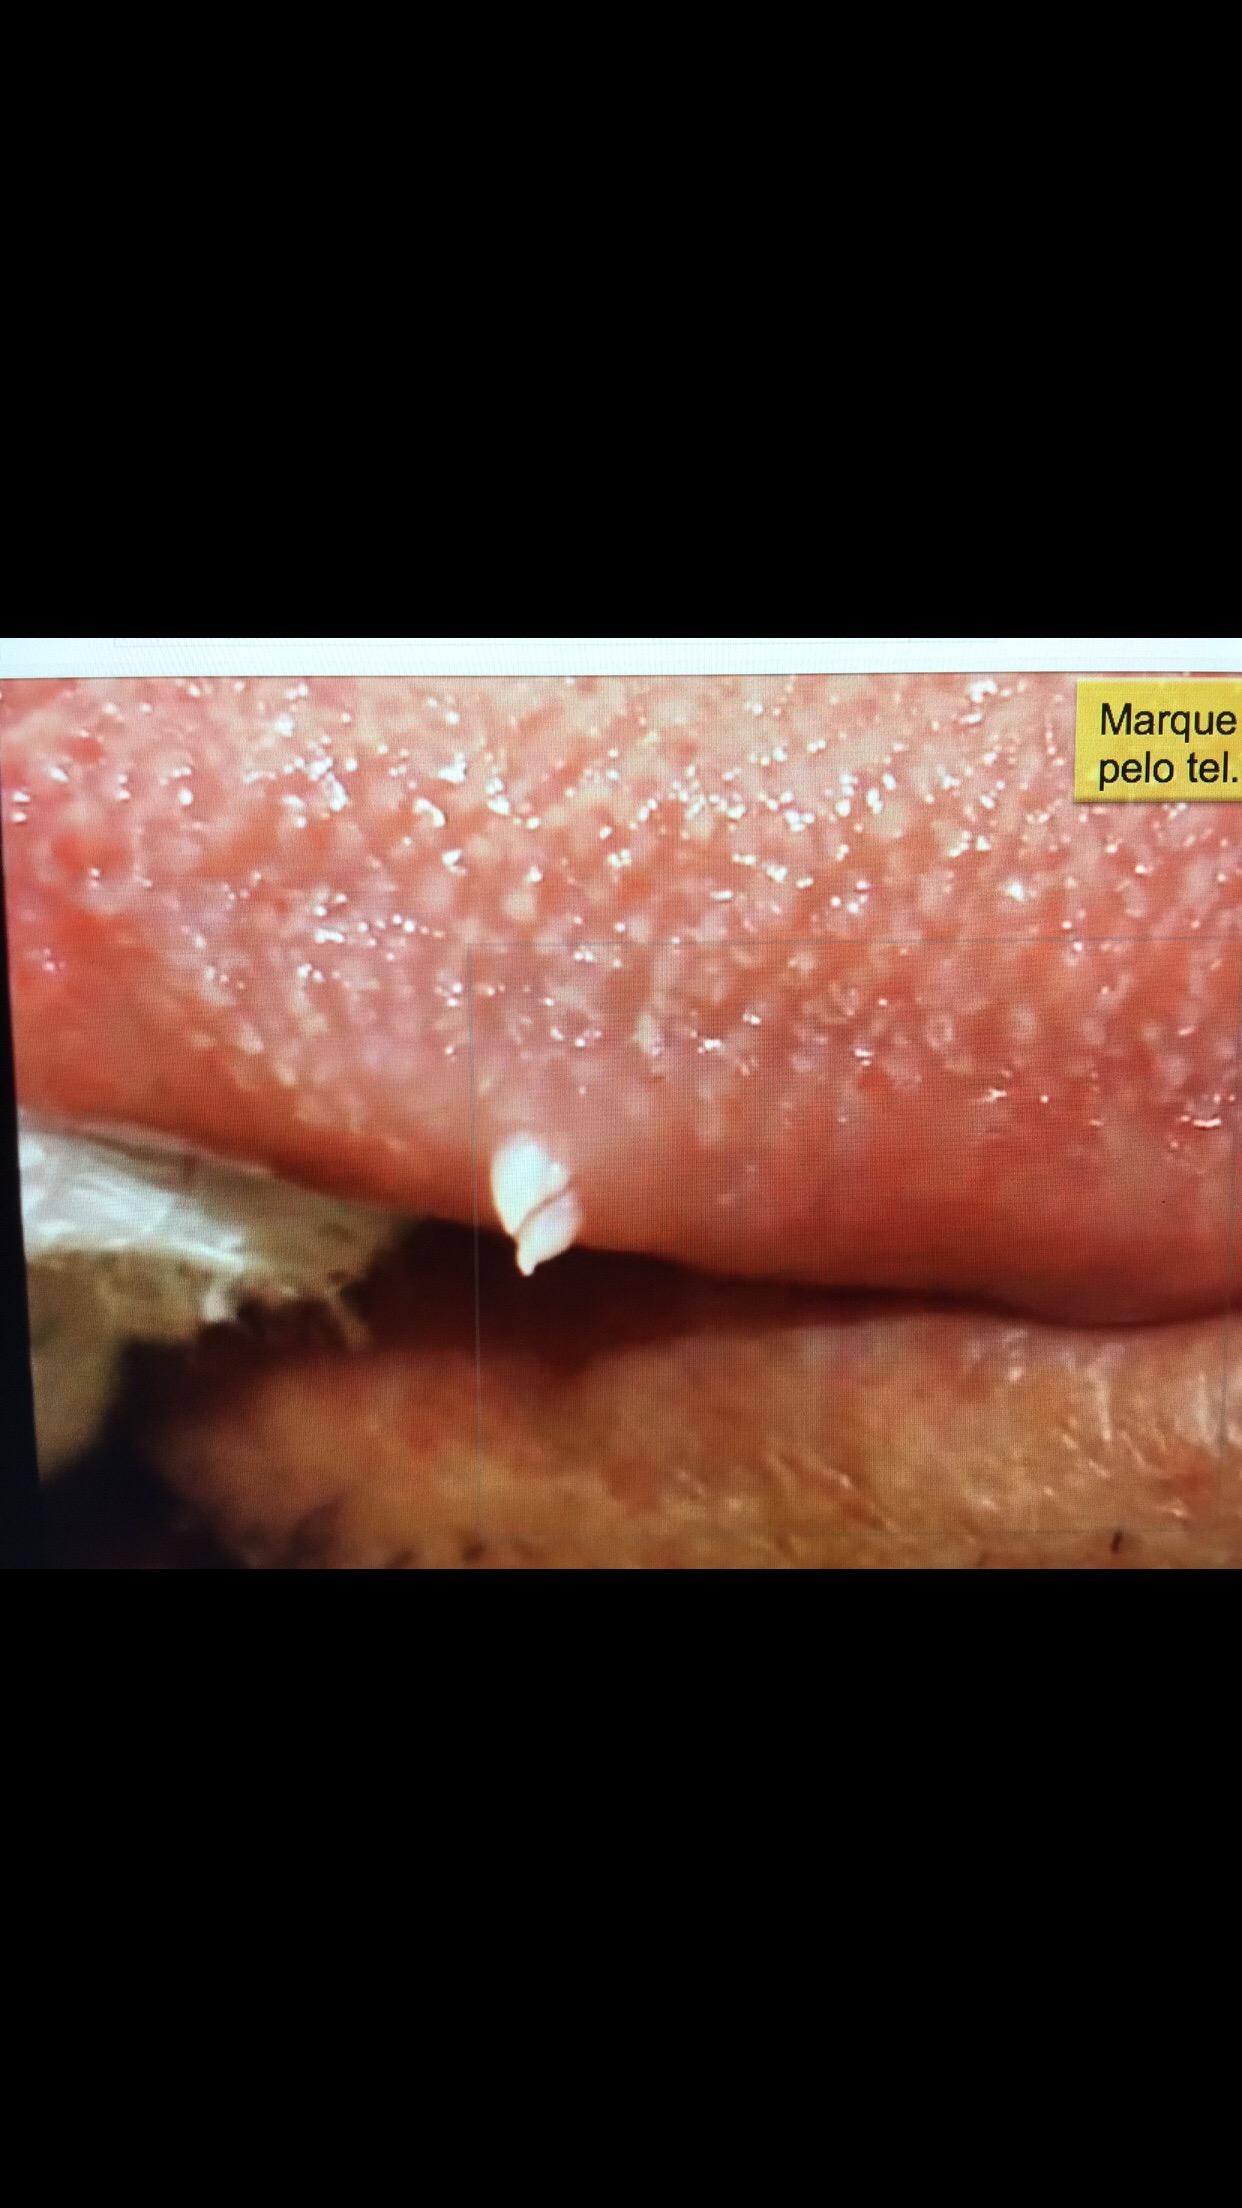 Verruga de hpv no labio.